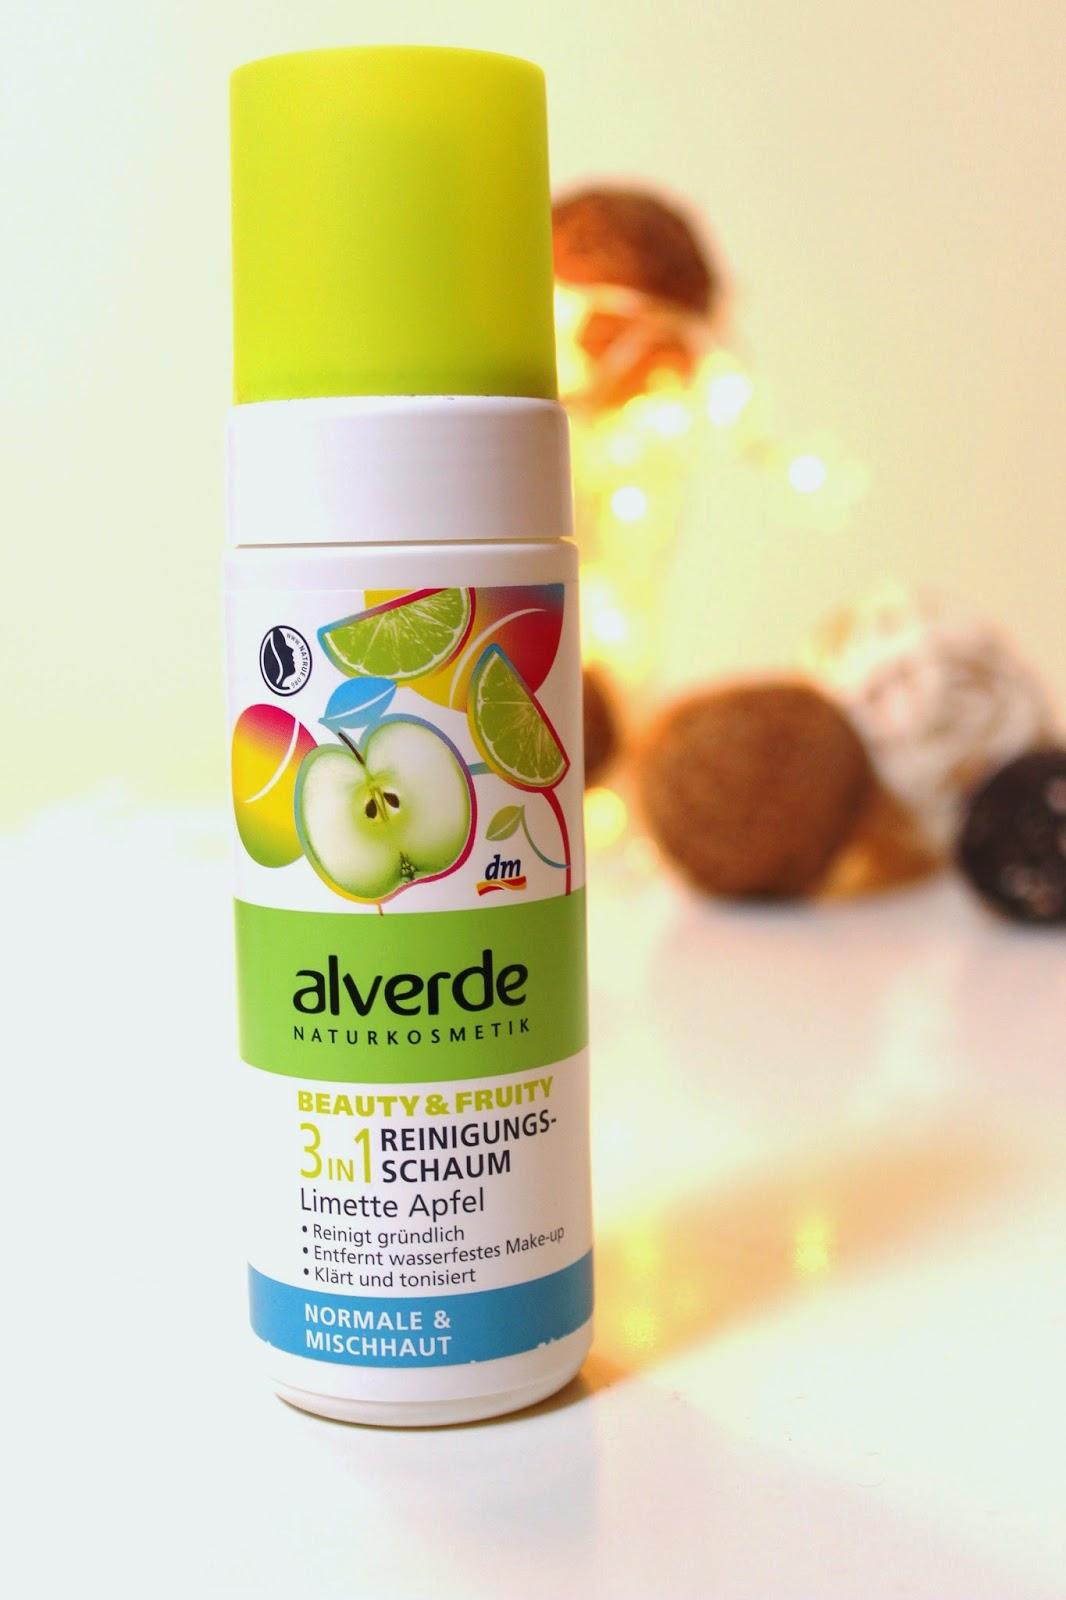 Pianka do mycia twarzy Alverde